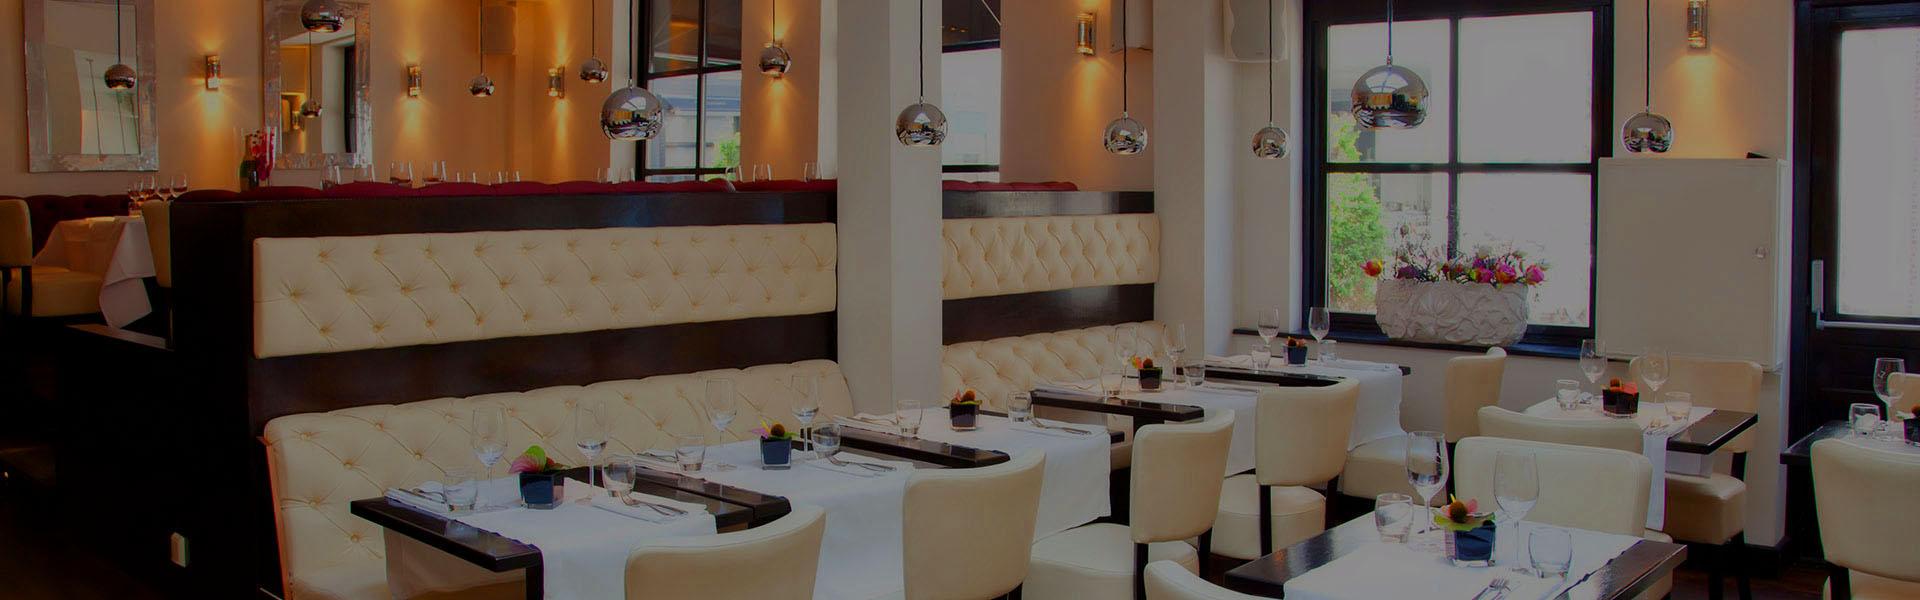 bg-restaurante_certo